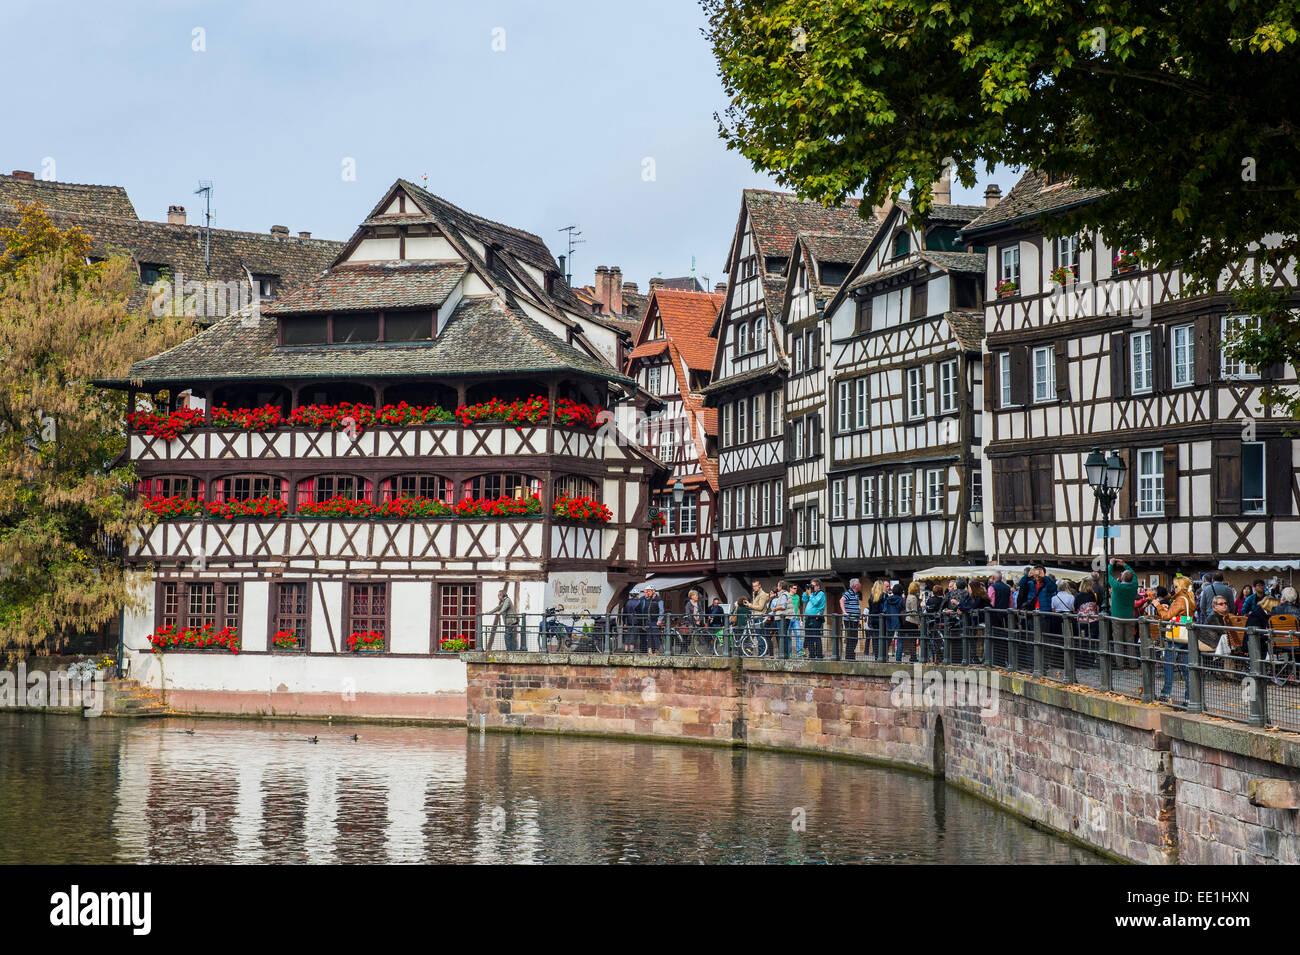 Maisons à colombages et canal dans le quartier de la Petite France, Strasbourg, Alsace, France, Europe Photo Stock